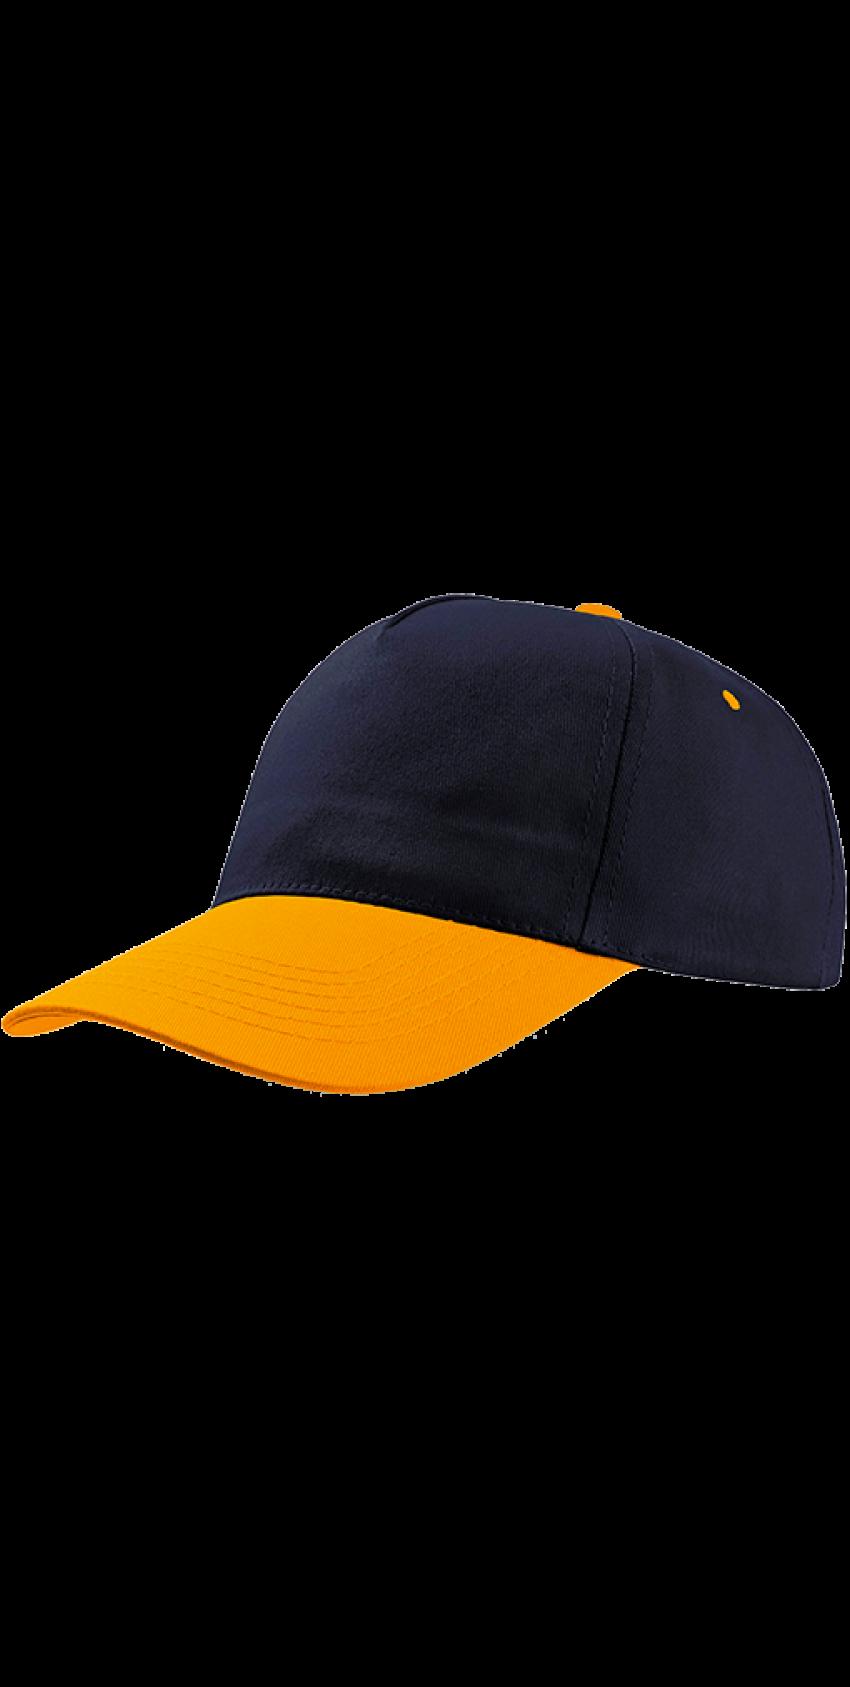 Navy-Giallo